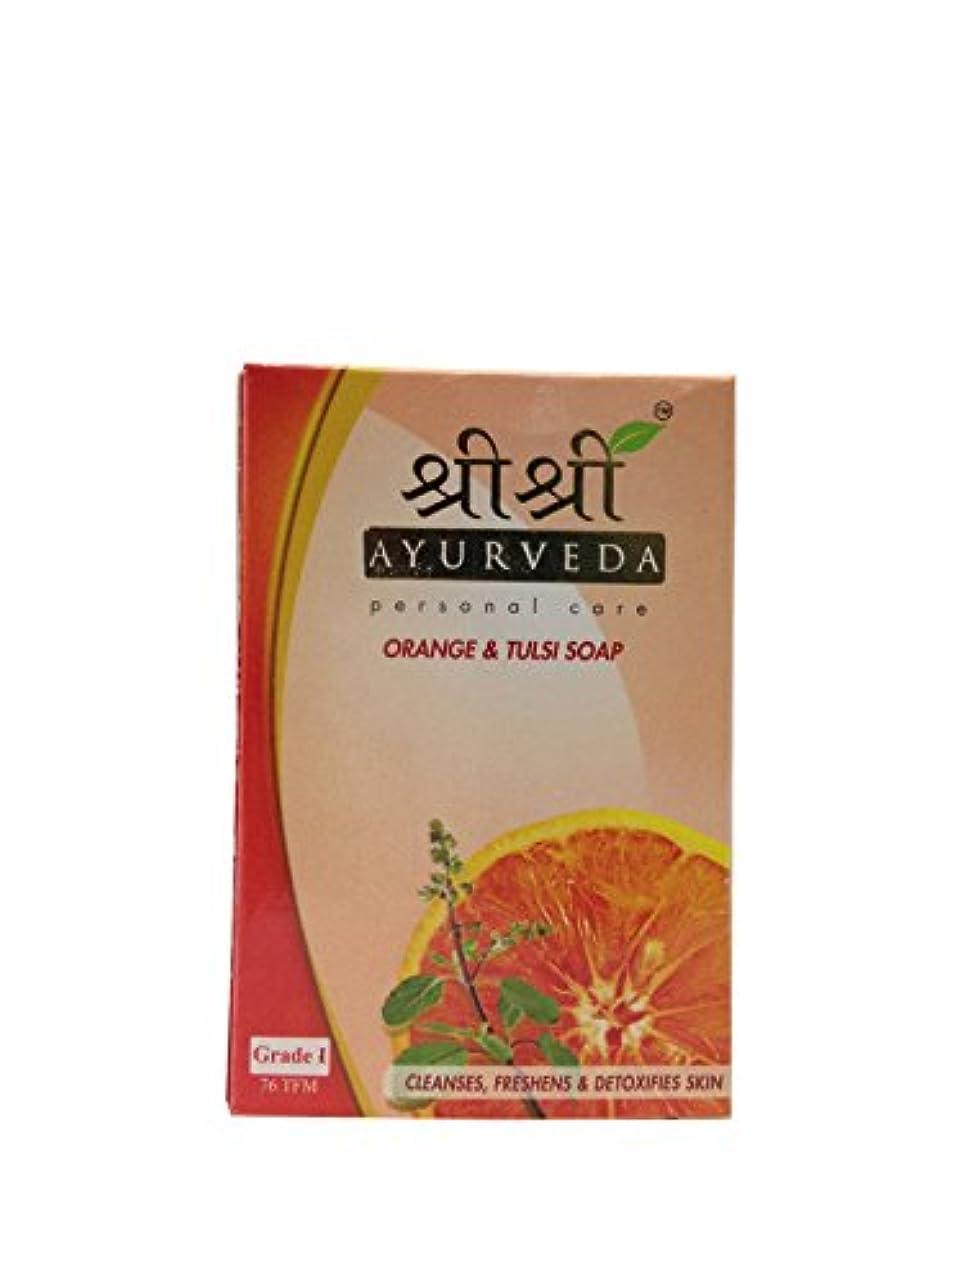 偏差誤満足Sri Sri Ayurveda Orange & Tulsi Soap 100g…